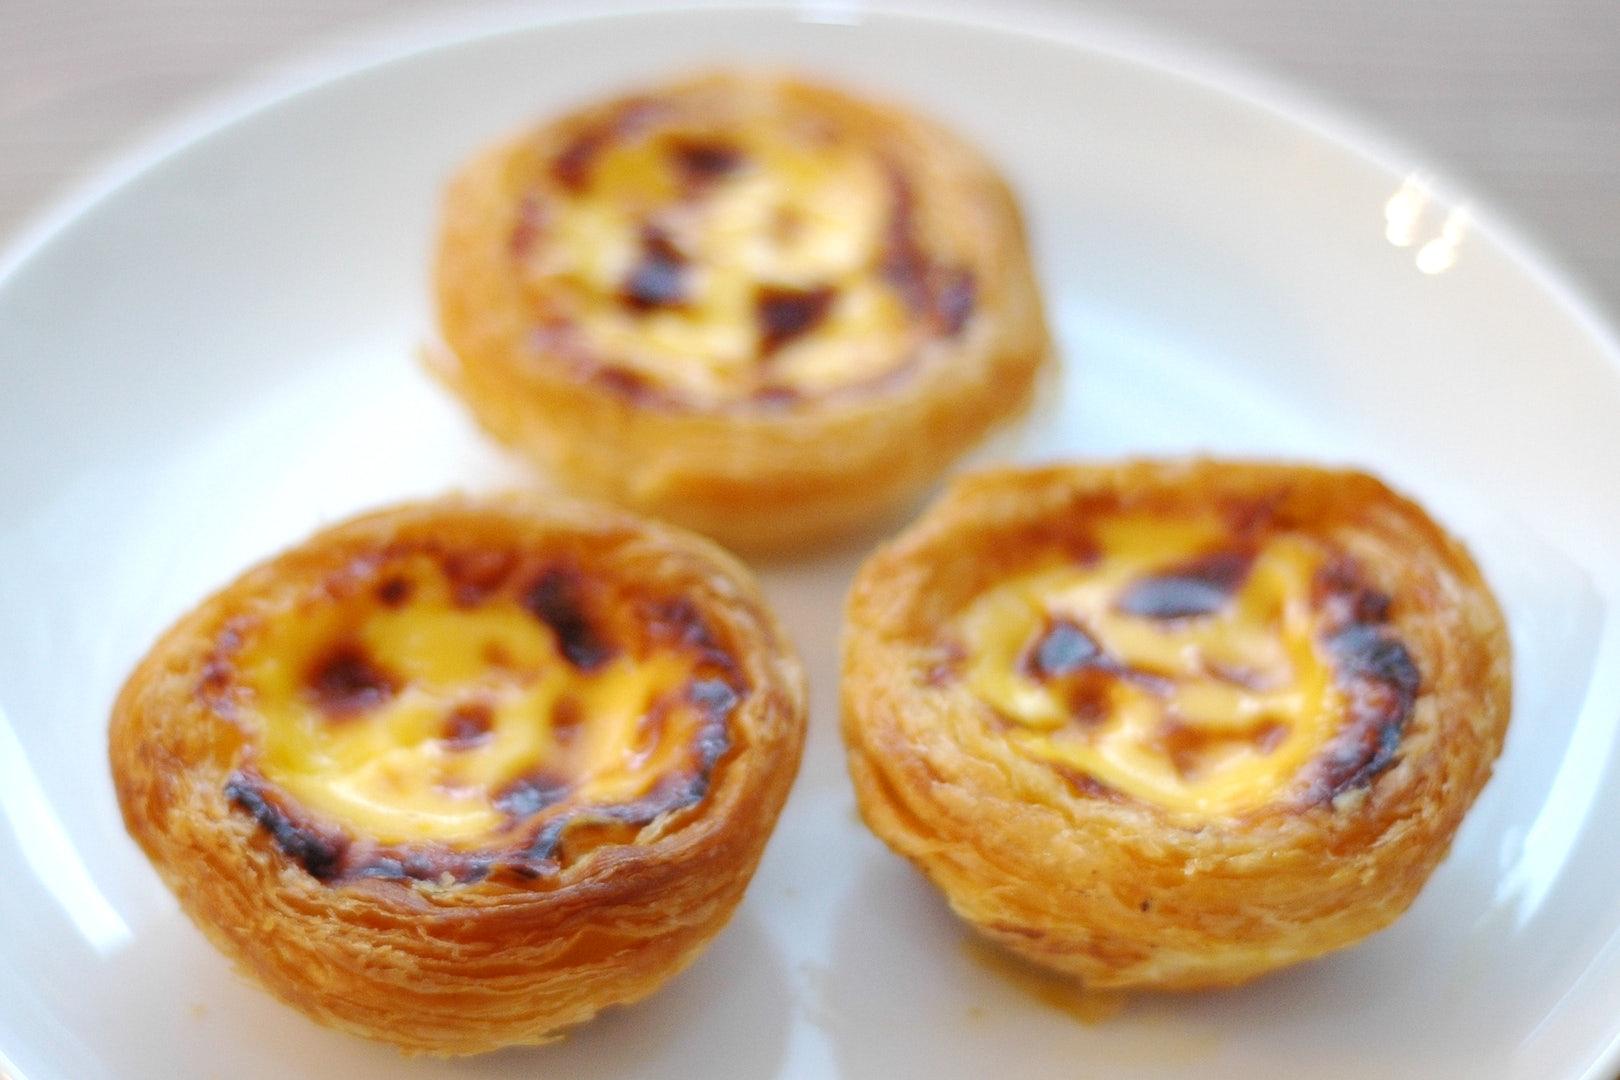 three pasteis de nata from Pastelaria Cristal